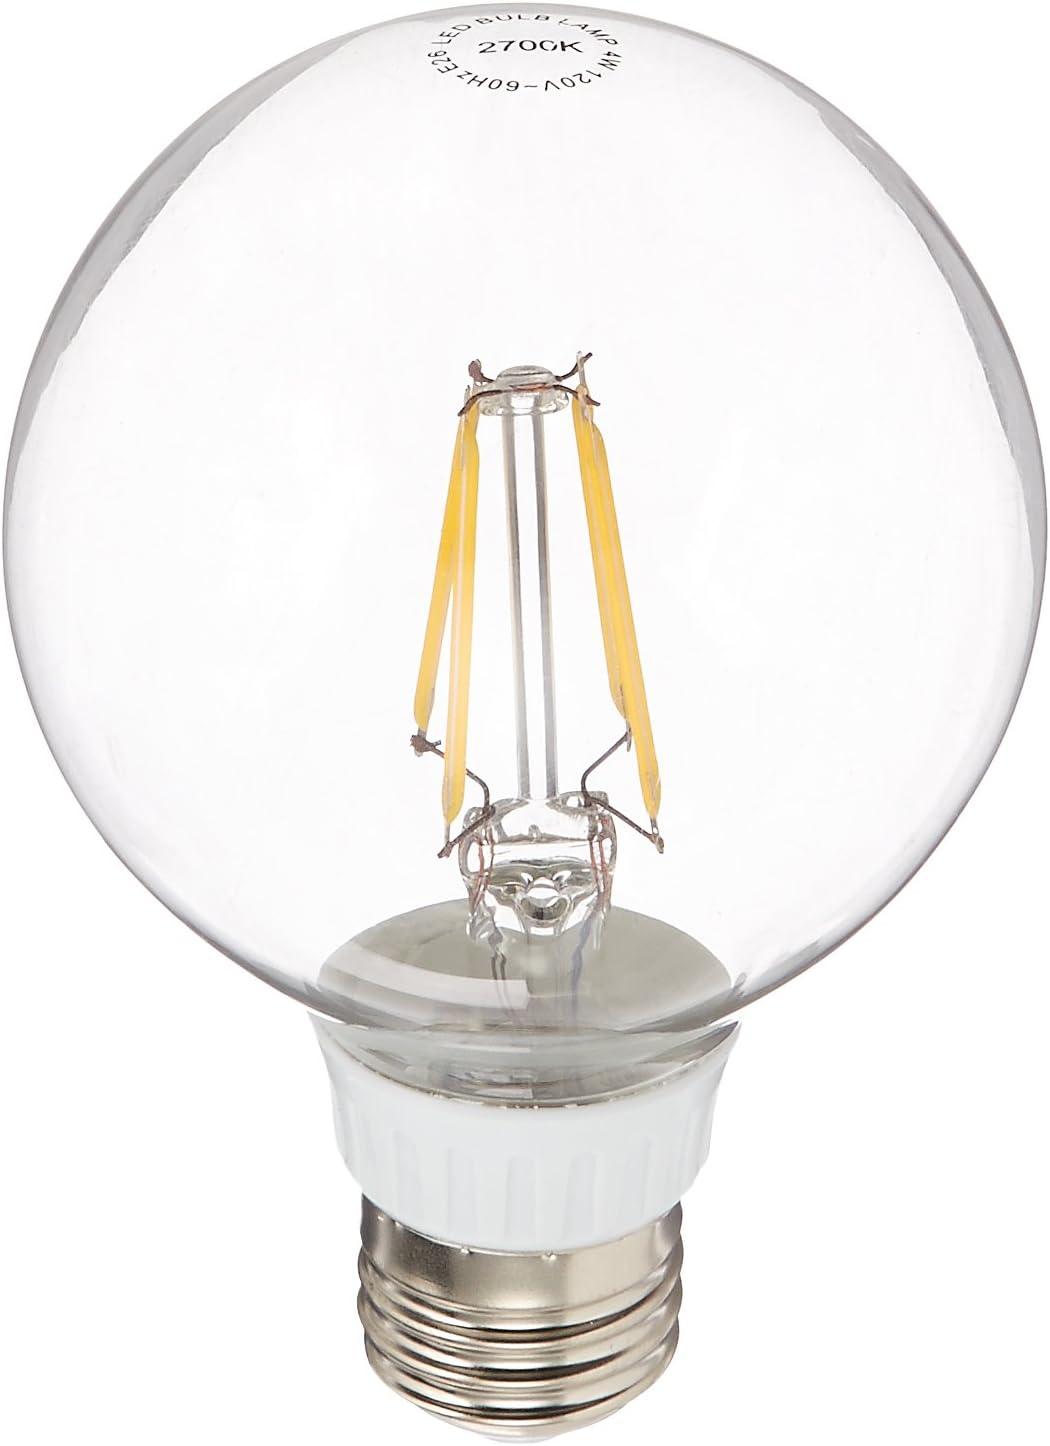 LED2020 ZL-G25-4W-27K-15PACK 期間限定 Traditional Filament スーパーSALE セール期間限定 LED Gl